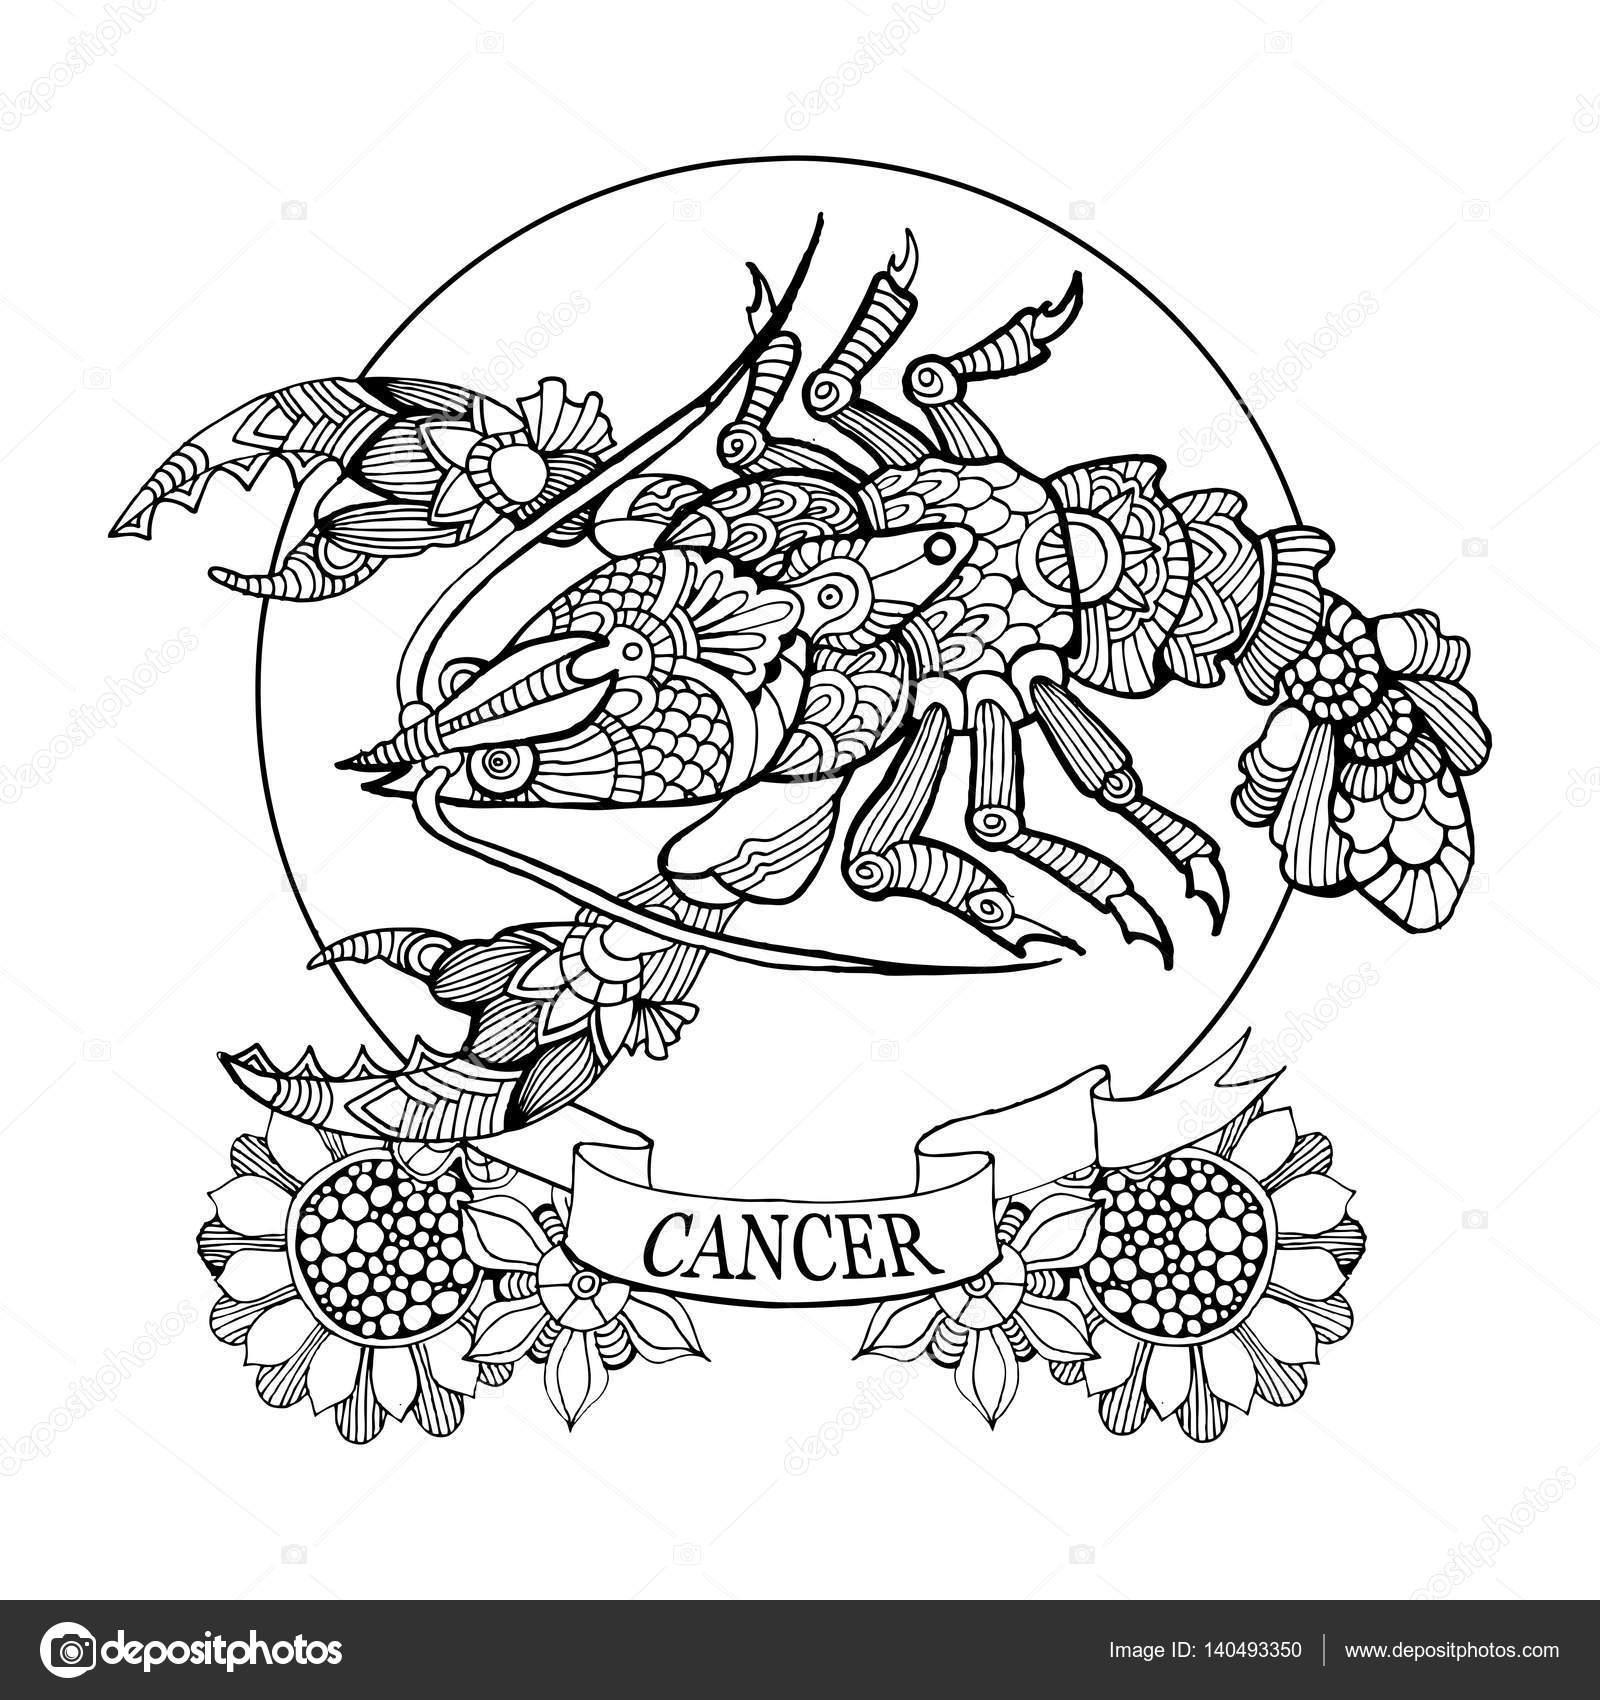 Mandala Sterrenbeelden Kleurplaten.Kanker Sterrenbeeld Boek Voor Volwassenen Vector Kleurplaten